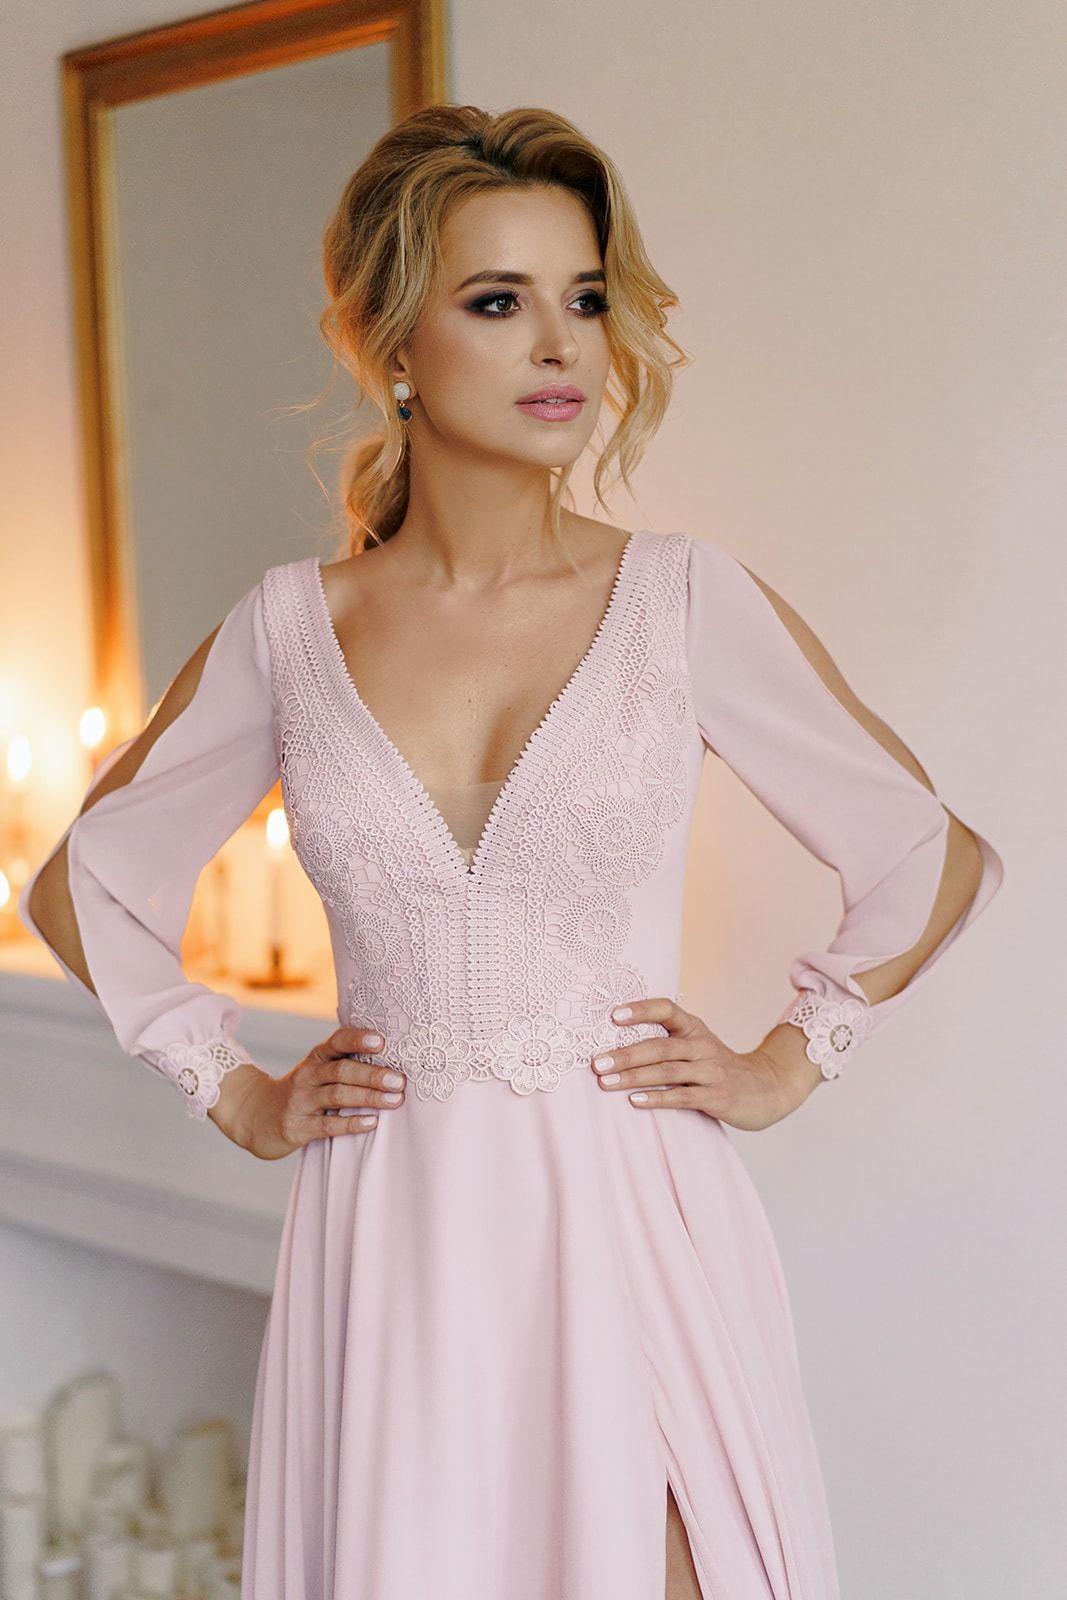 Sukienka Na Wesele Z Rekawami Calderia I Nowa Kolekcja Pracowni Sukni Dama Couture Z Warszawy Fashion Formal Dresses Dresses